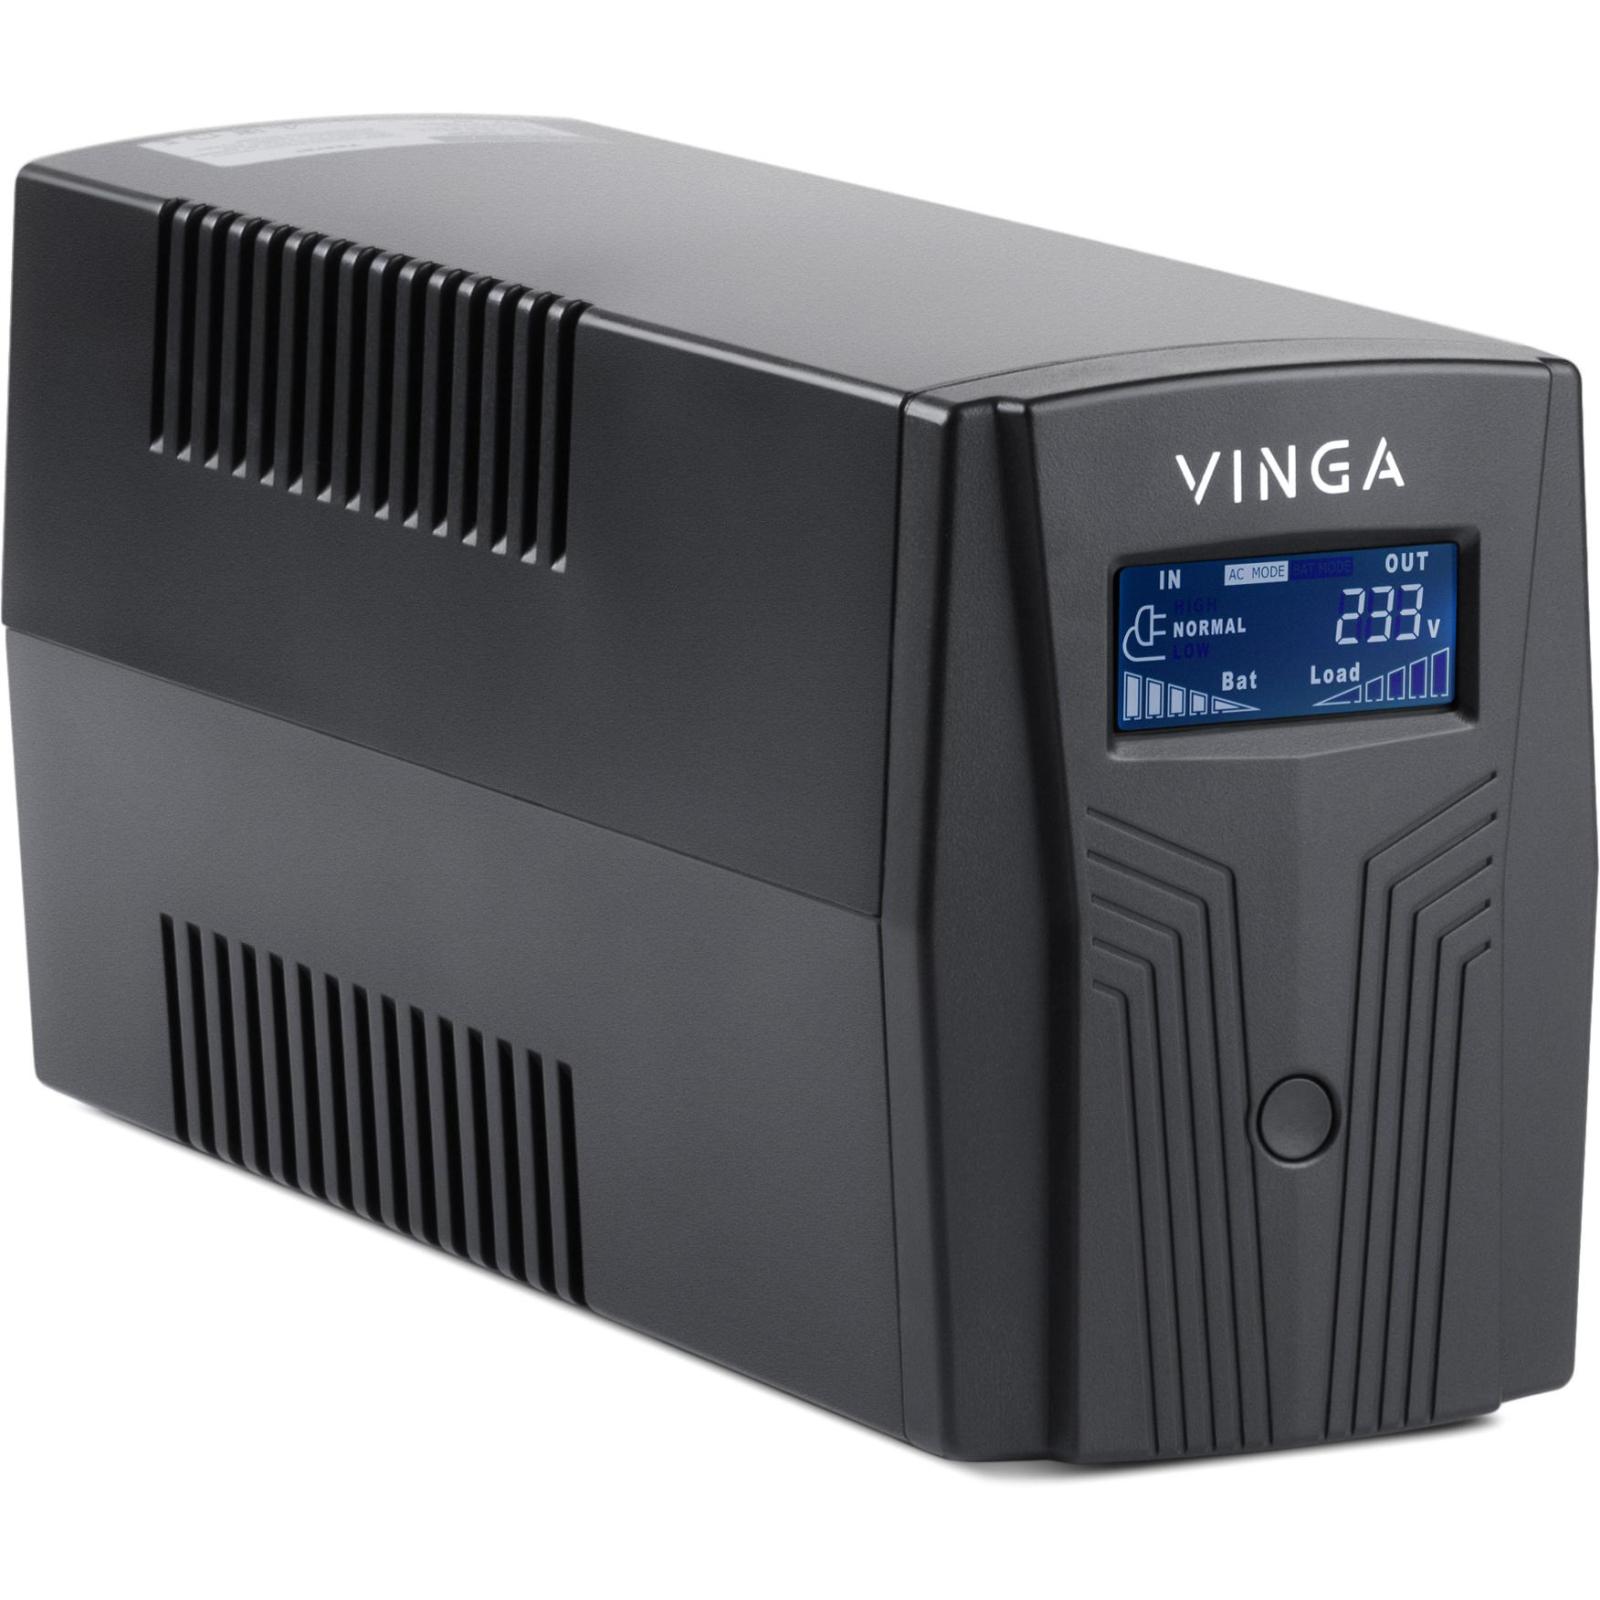 Источник бесперебойного питания Vinga LCD 800VA plastic case with USB (VPC-800PU) изображение 2